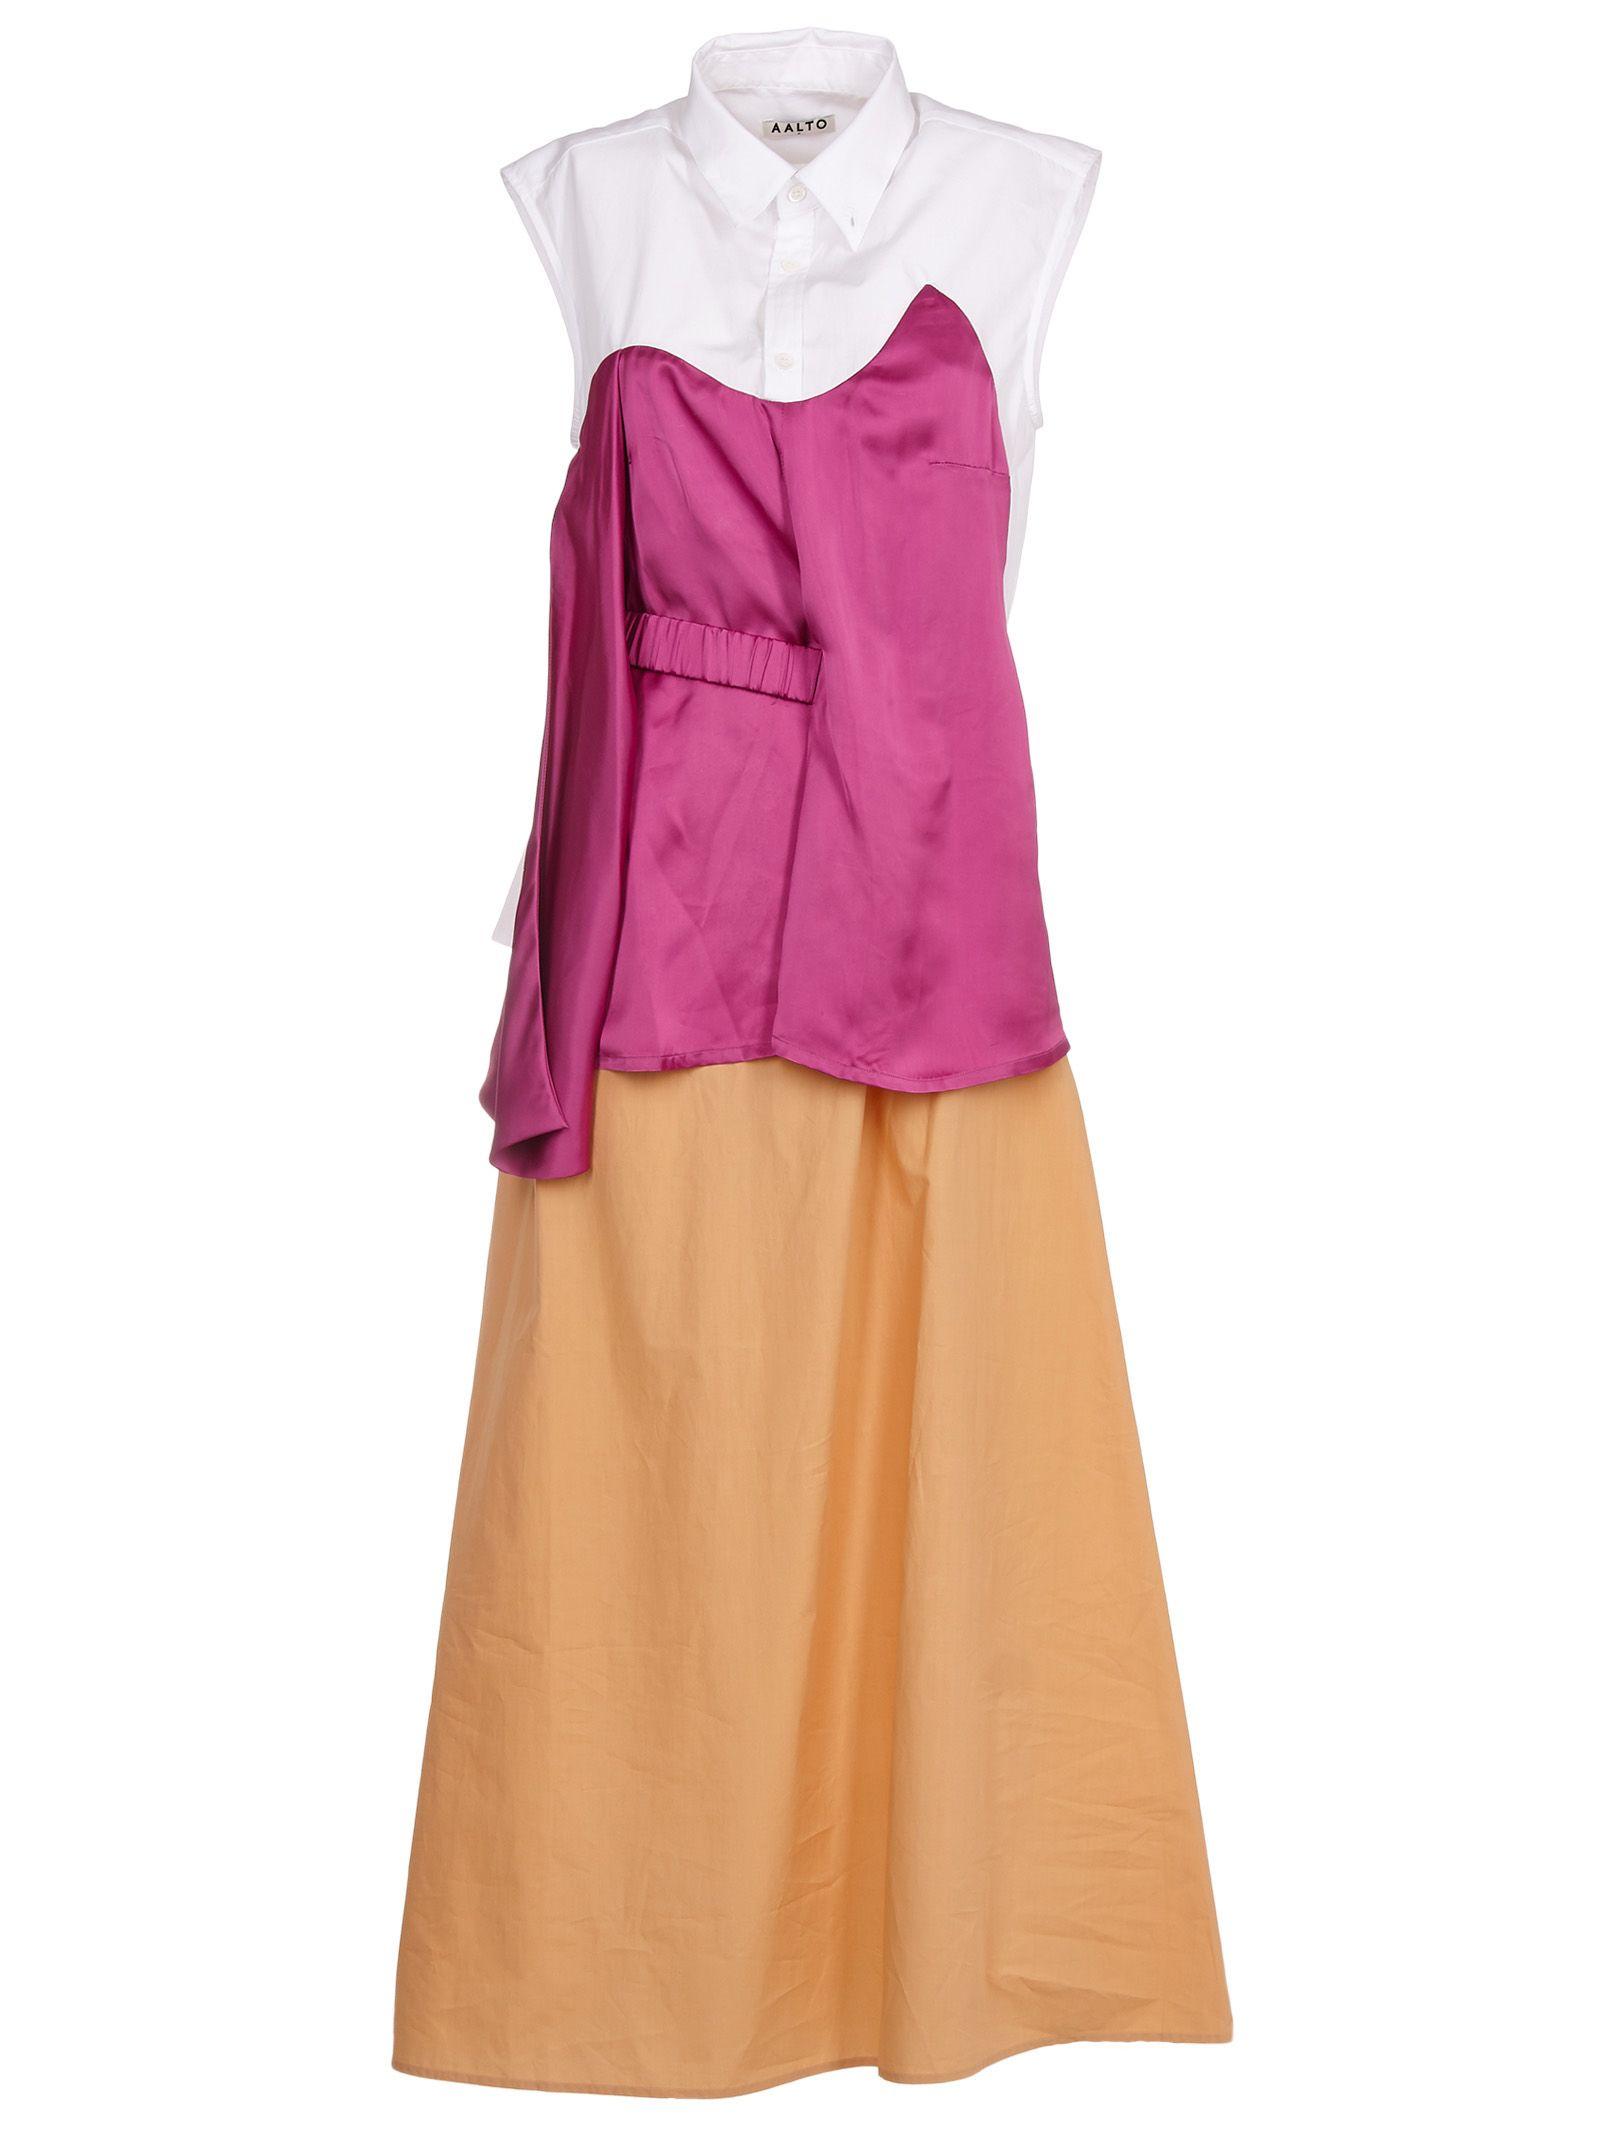 aalto female aalto contrast shift dress